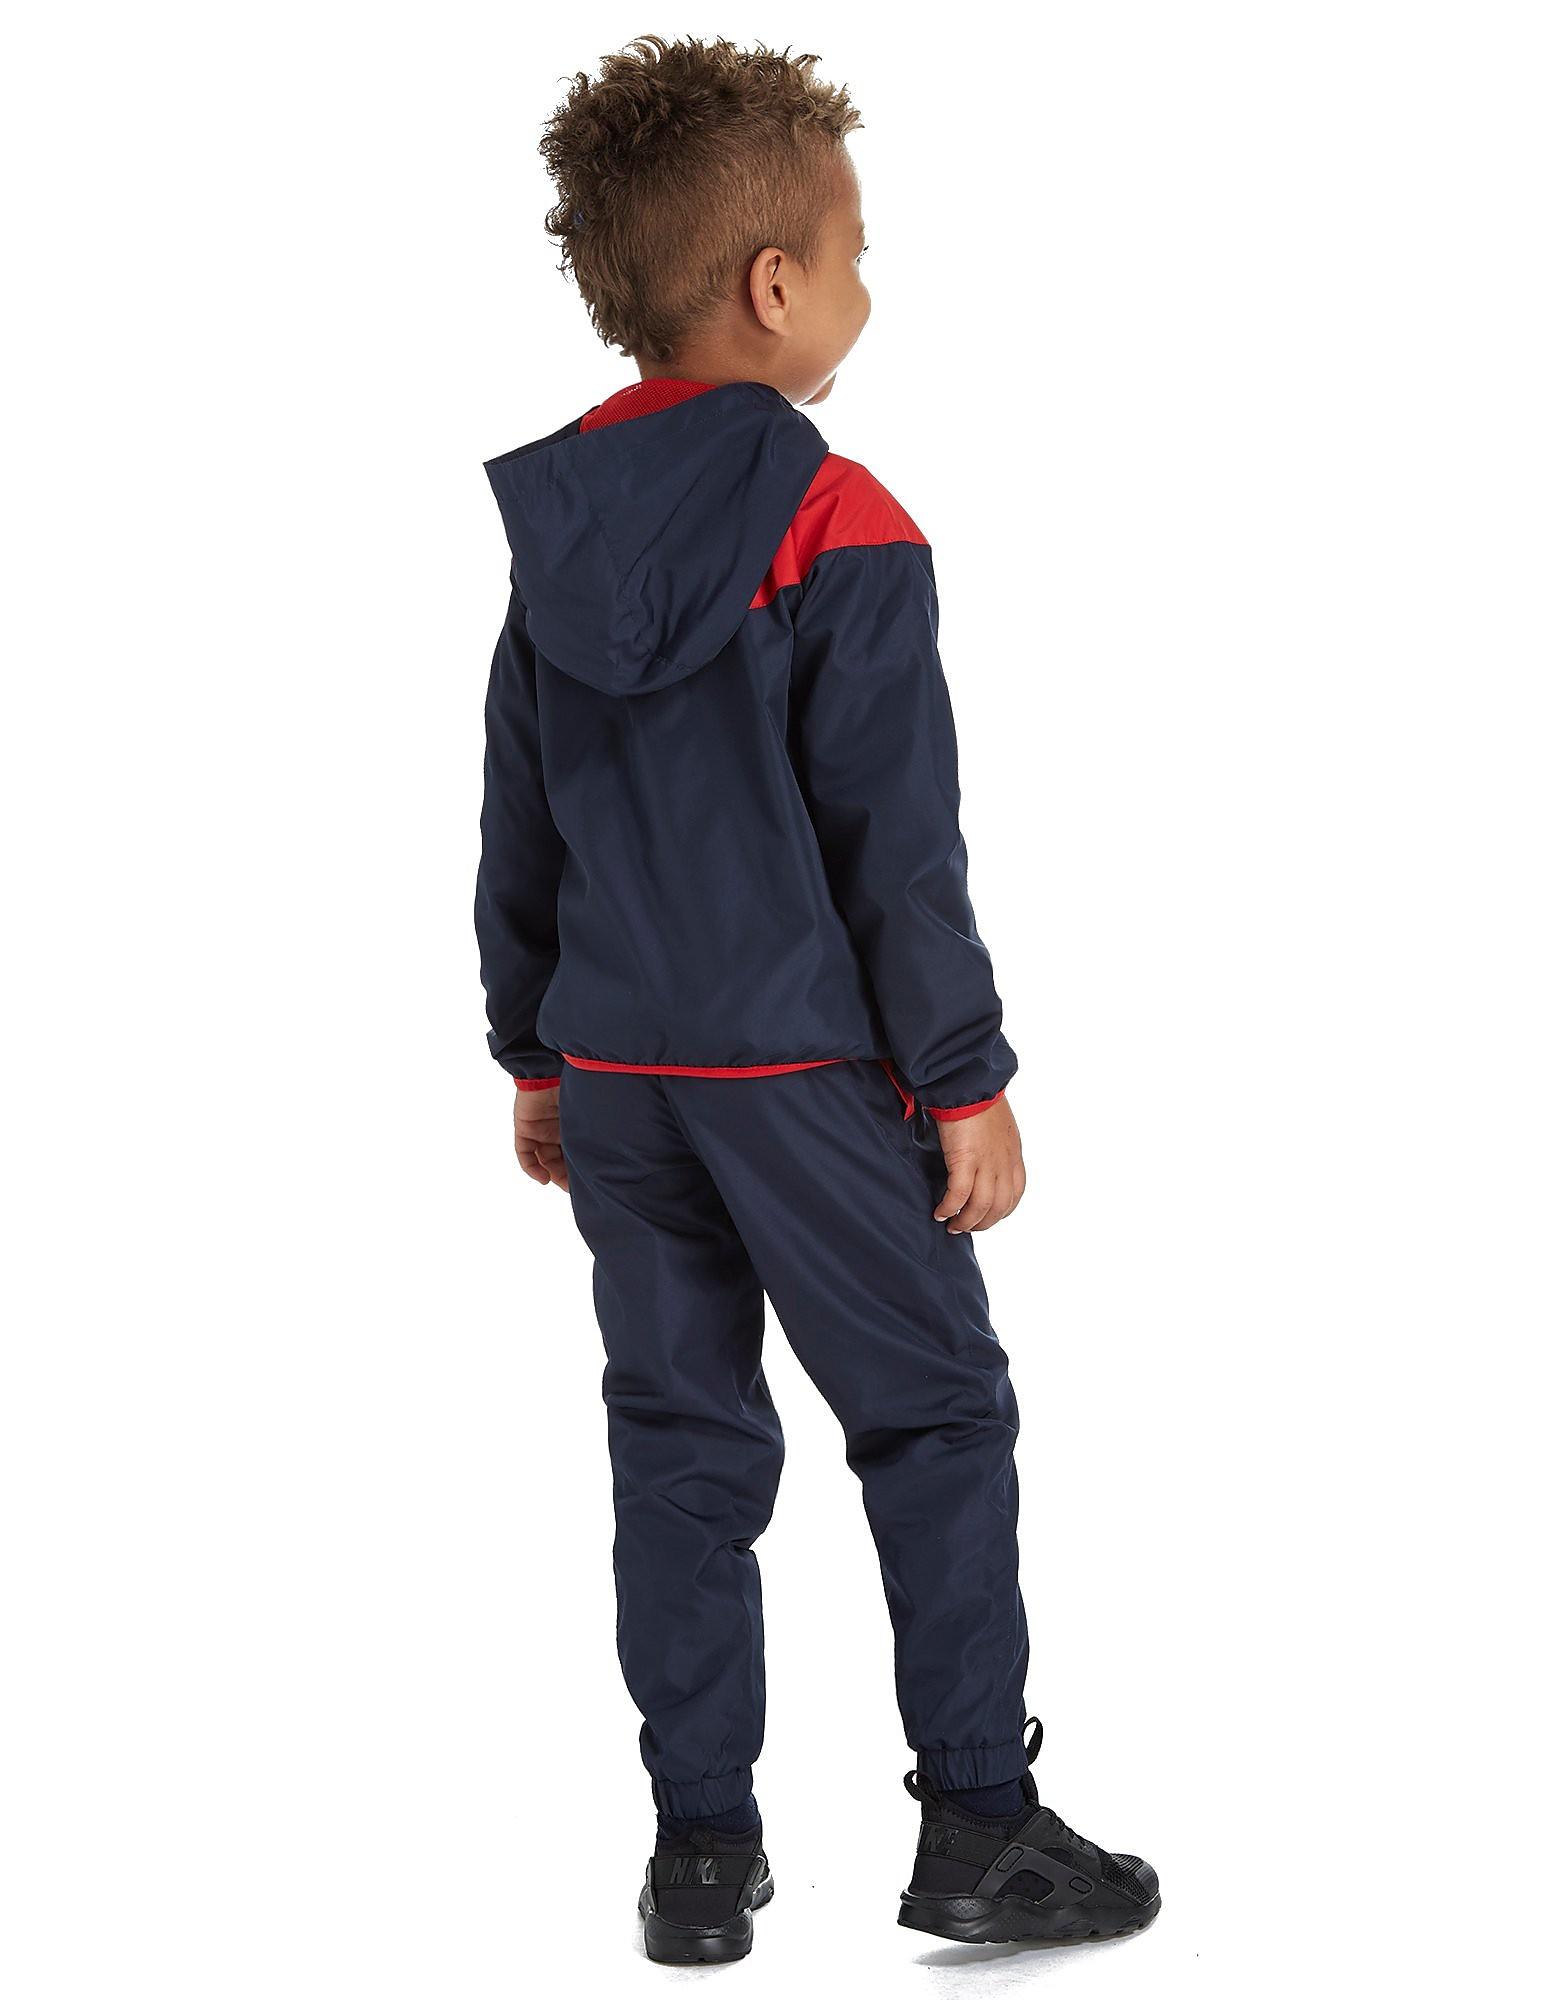 Nike Futura Tuta da Ginnastica Bambino